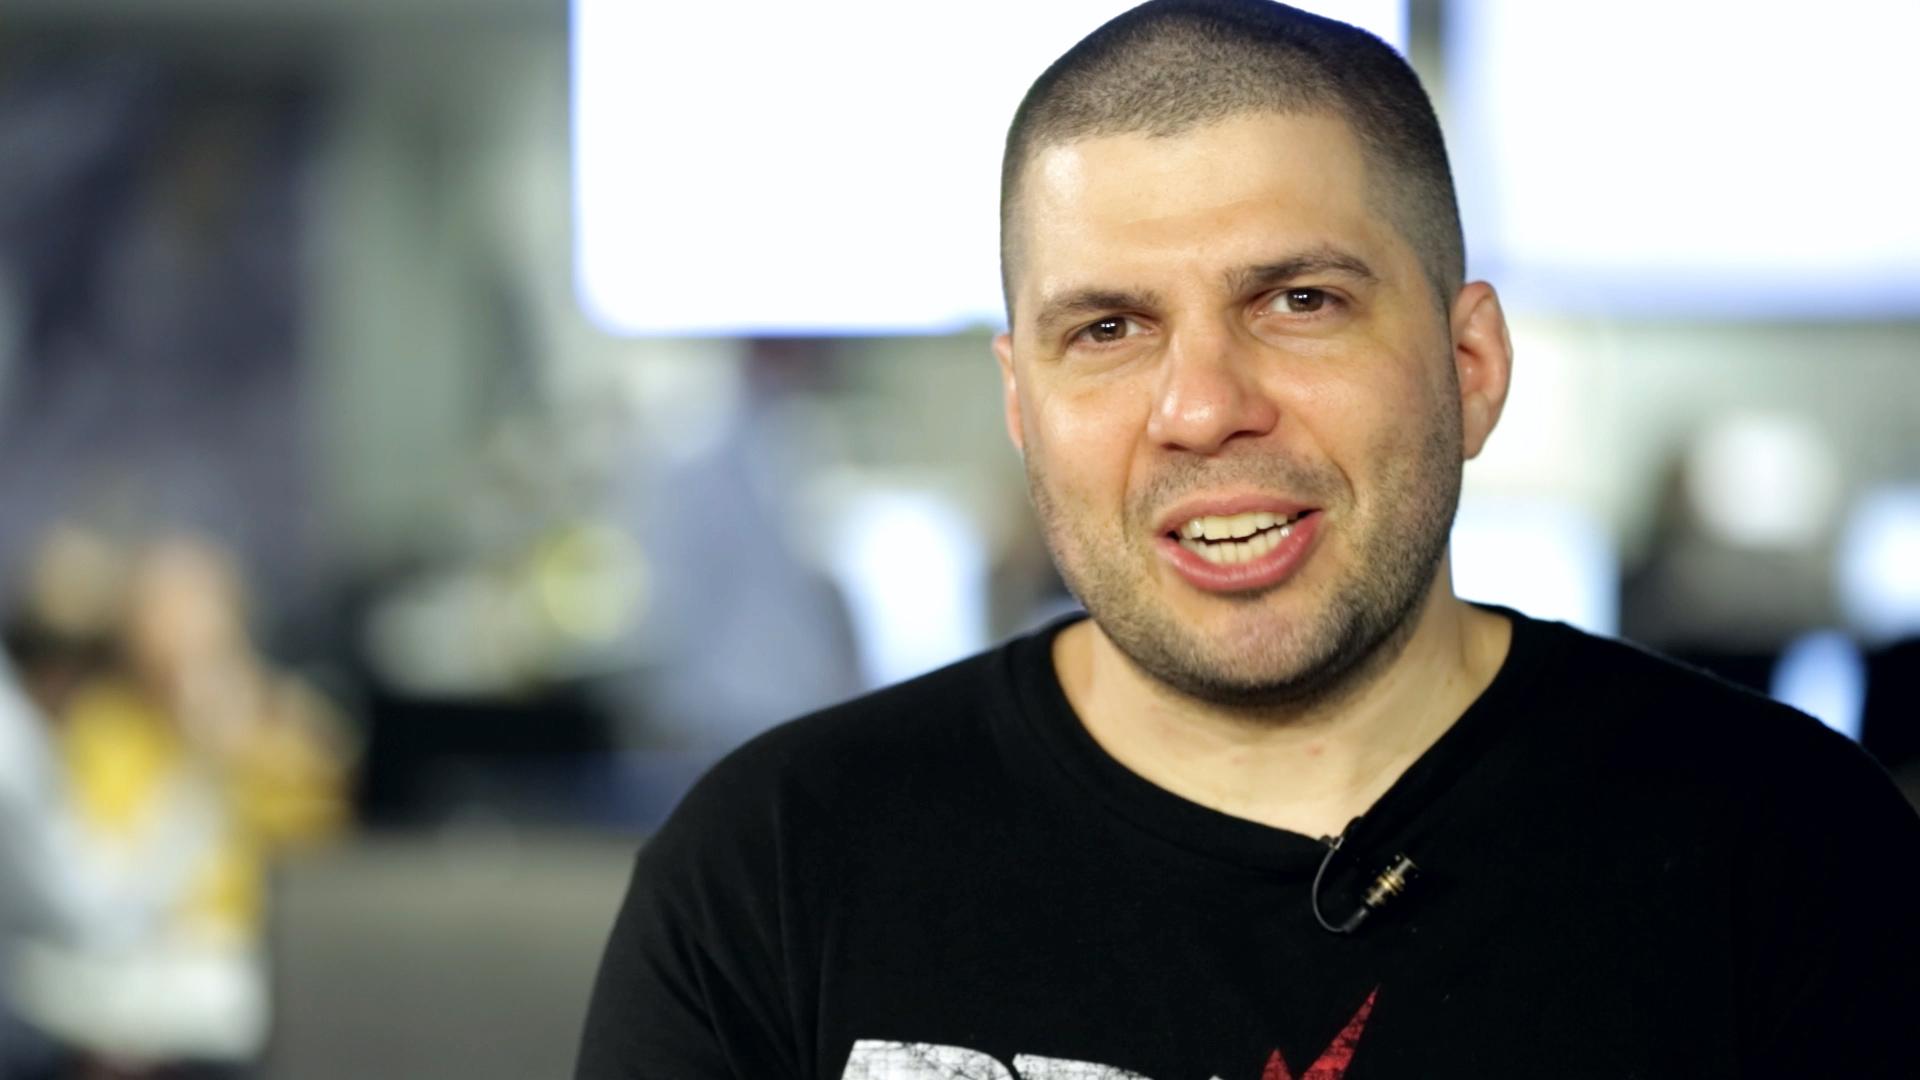 No Mundo das Lutas: Werdum poderá se tornar o primeiro gaúcho campeão do UFC ?